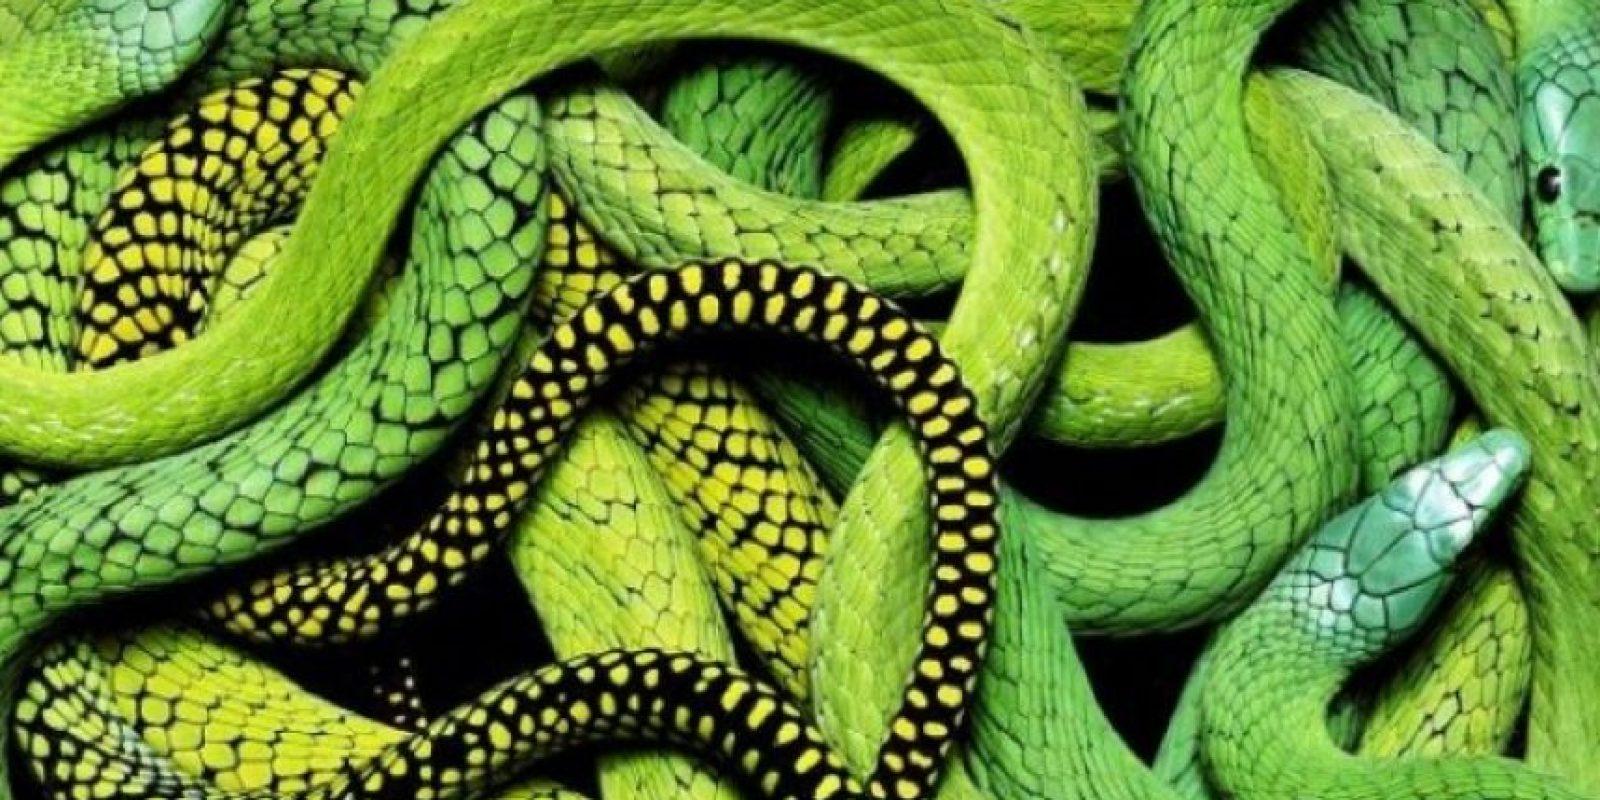 Se cree que las serpientes derivan de algún tipo de lagarto, pero los detalles concretos de su origen no están claros. Foto:Pixabay